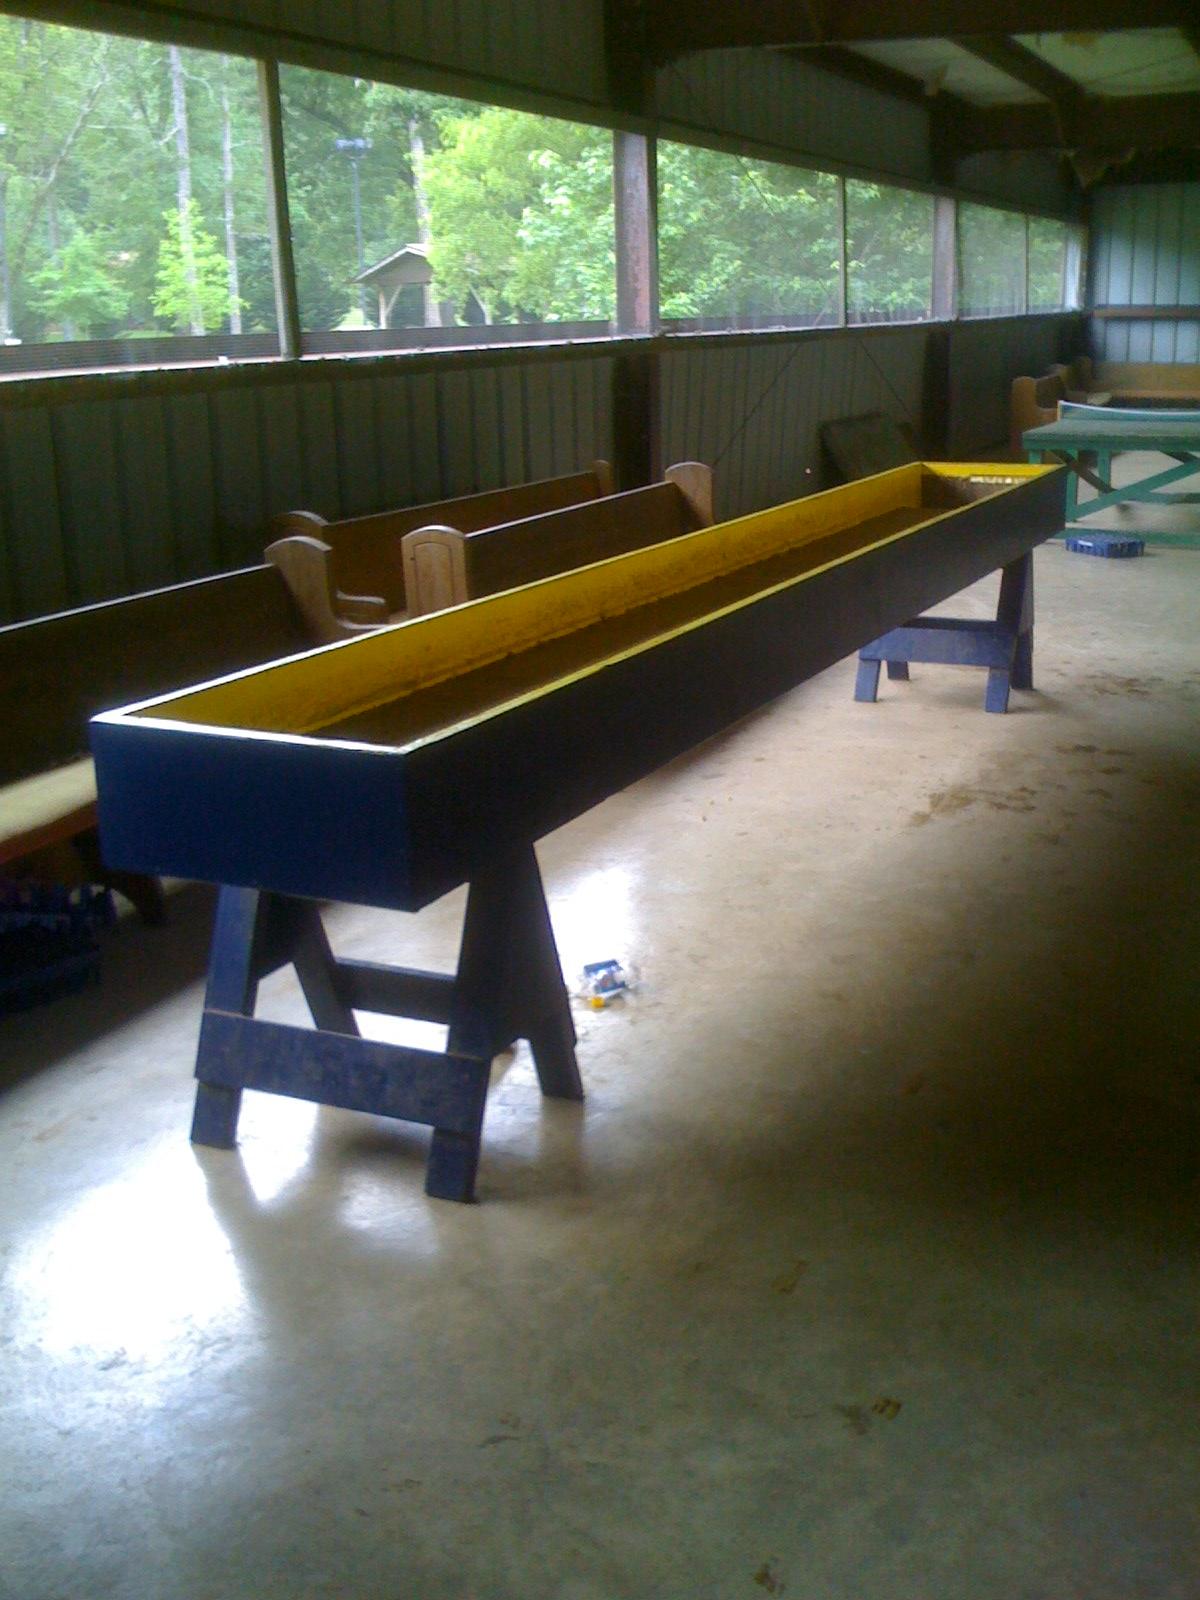 Download Carpet Ball Table Plans Plans Diy Wood Desk Designs   Tom3099